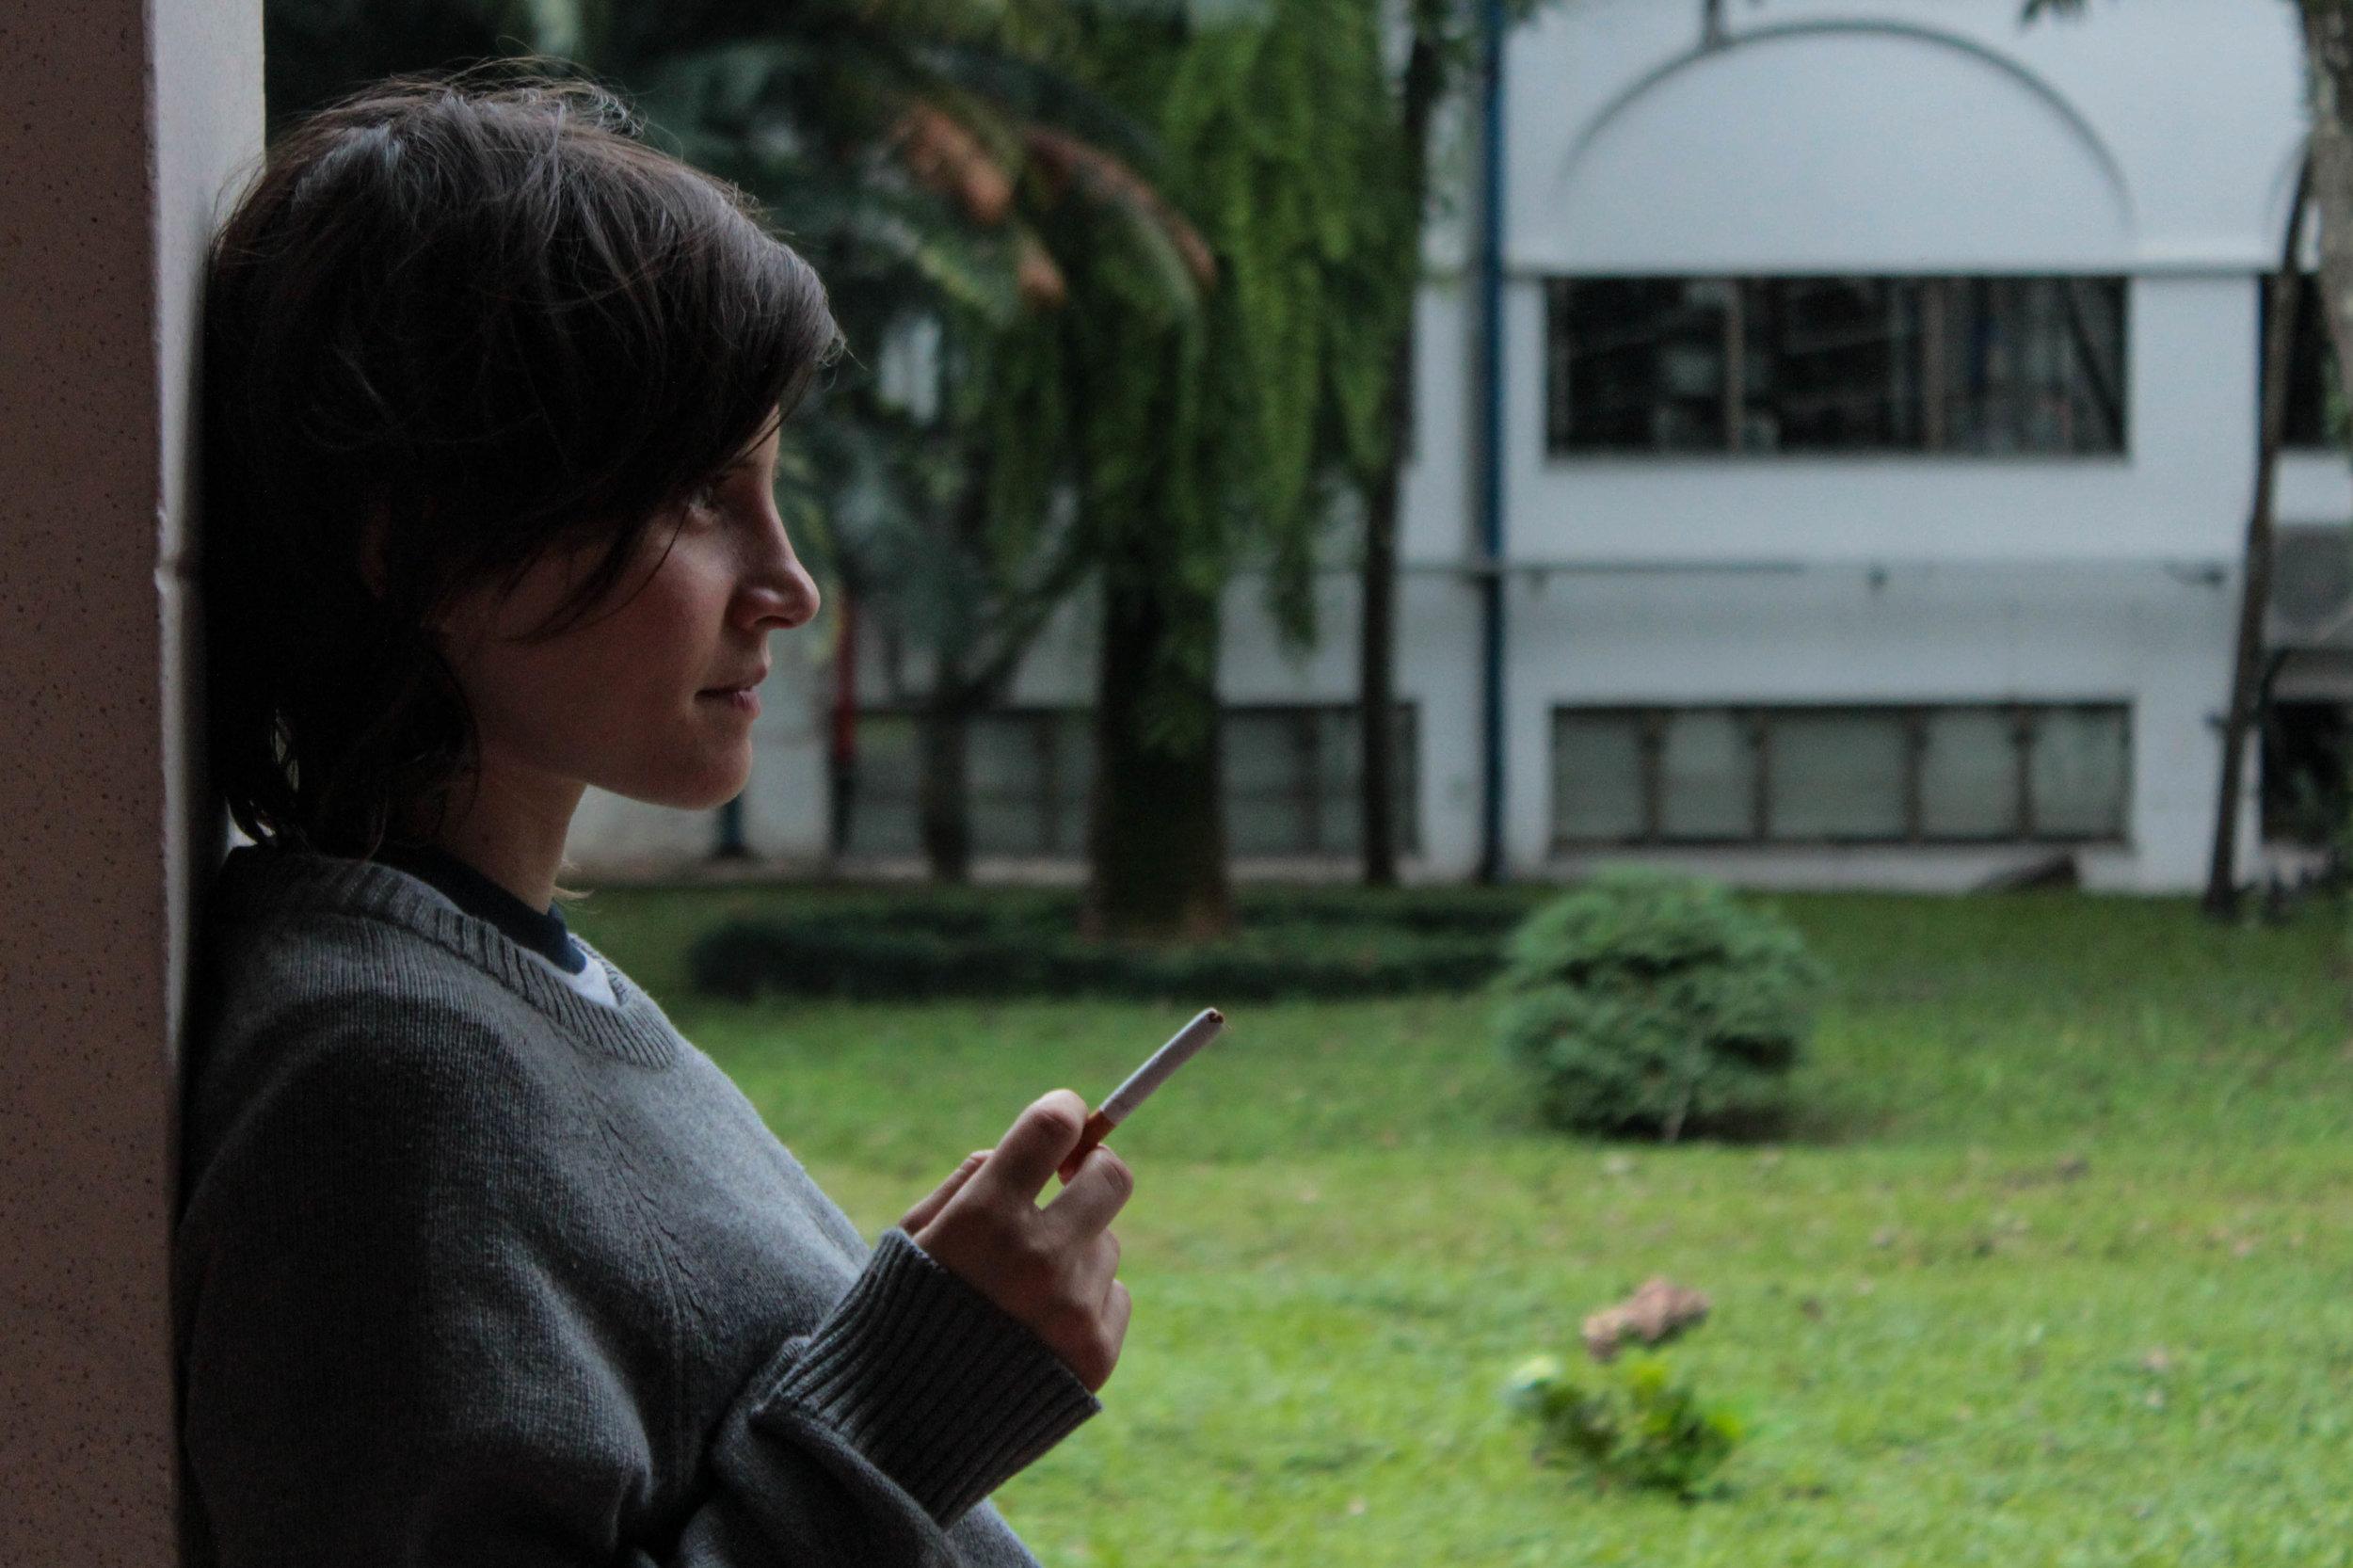 a menina sem qualidades - still da série de felipe hirsch produzida pela MTV Brasil